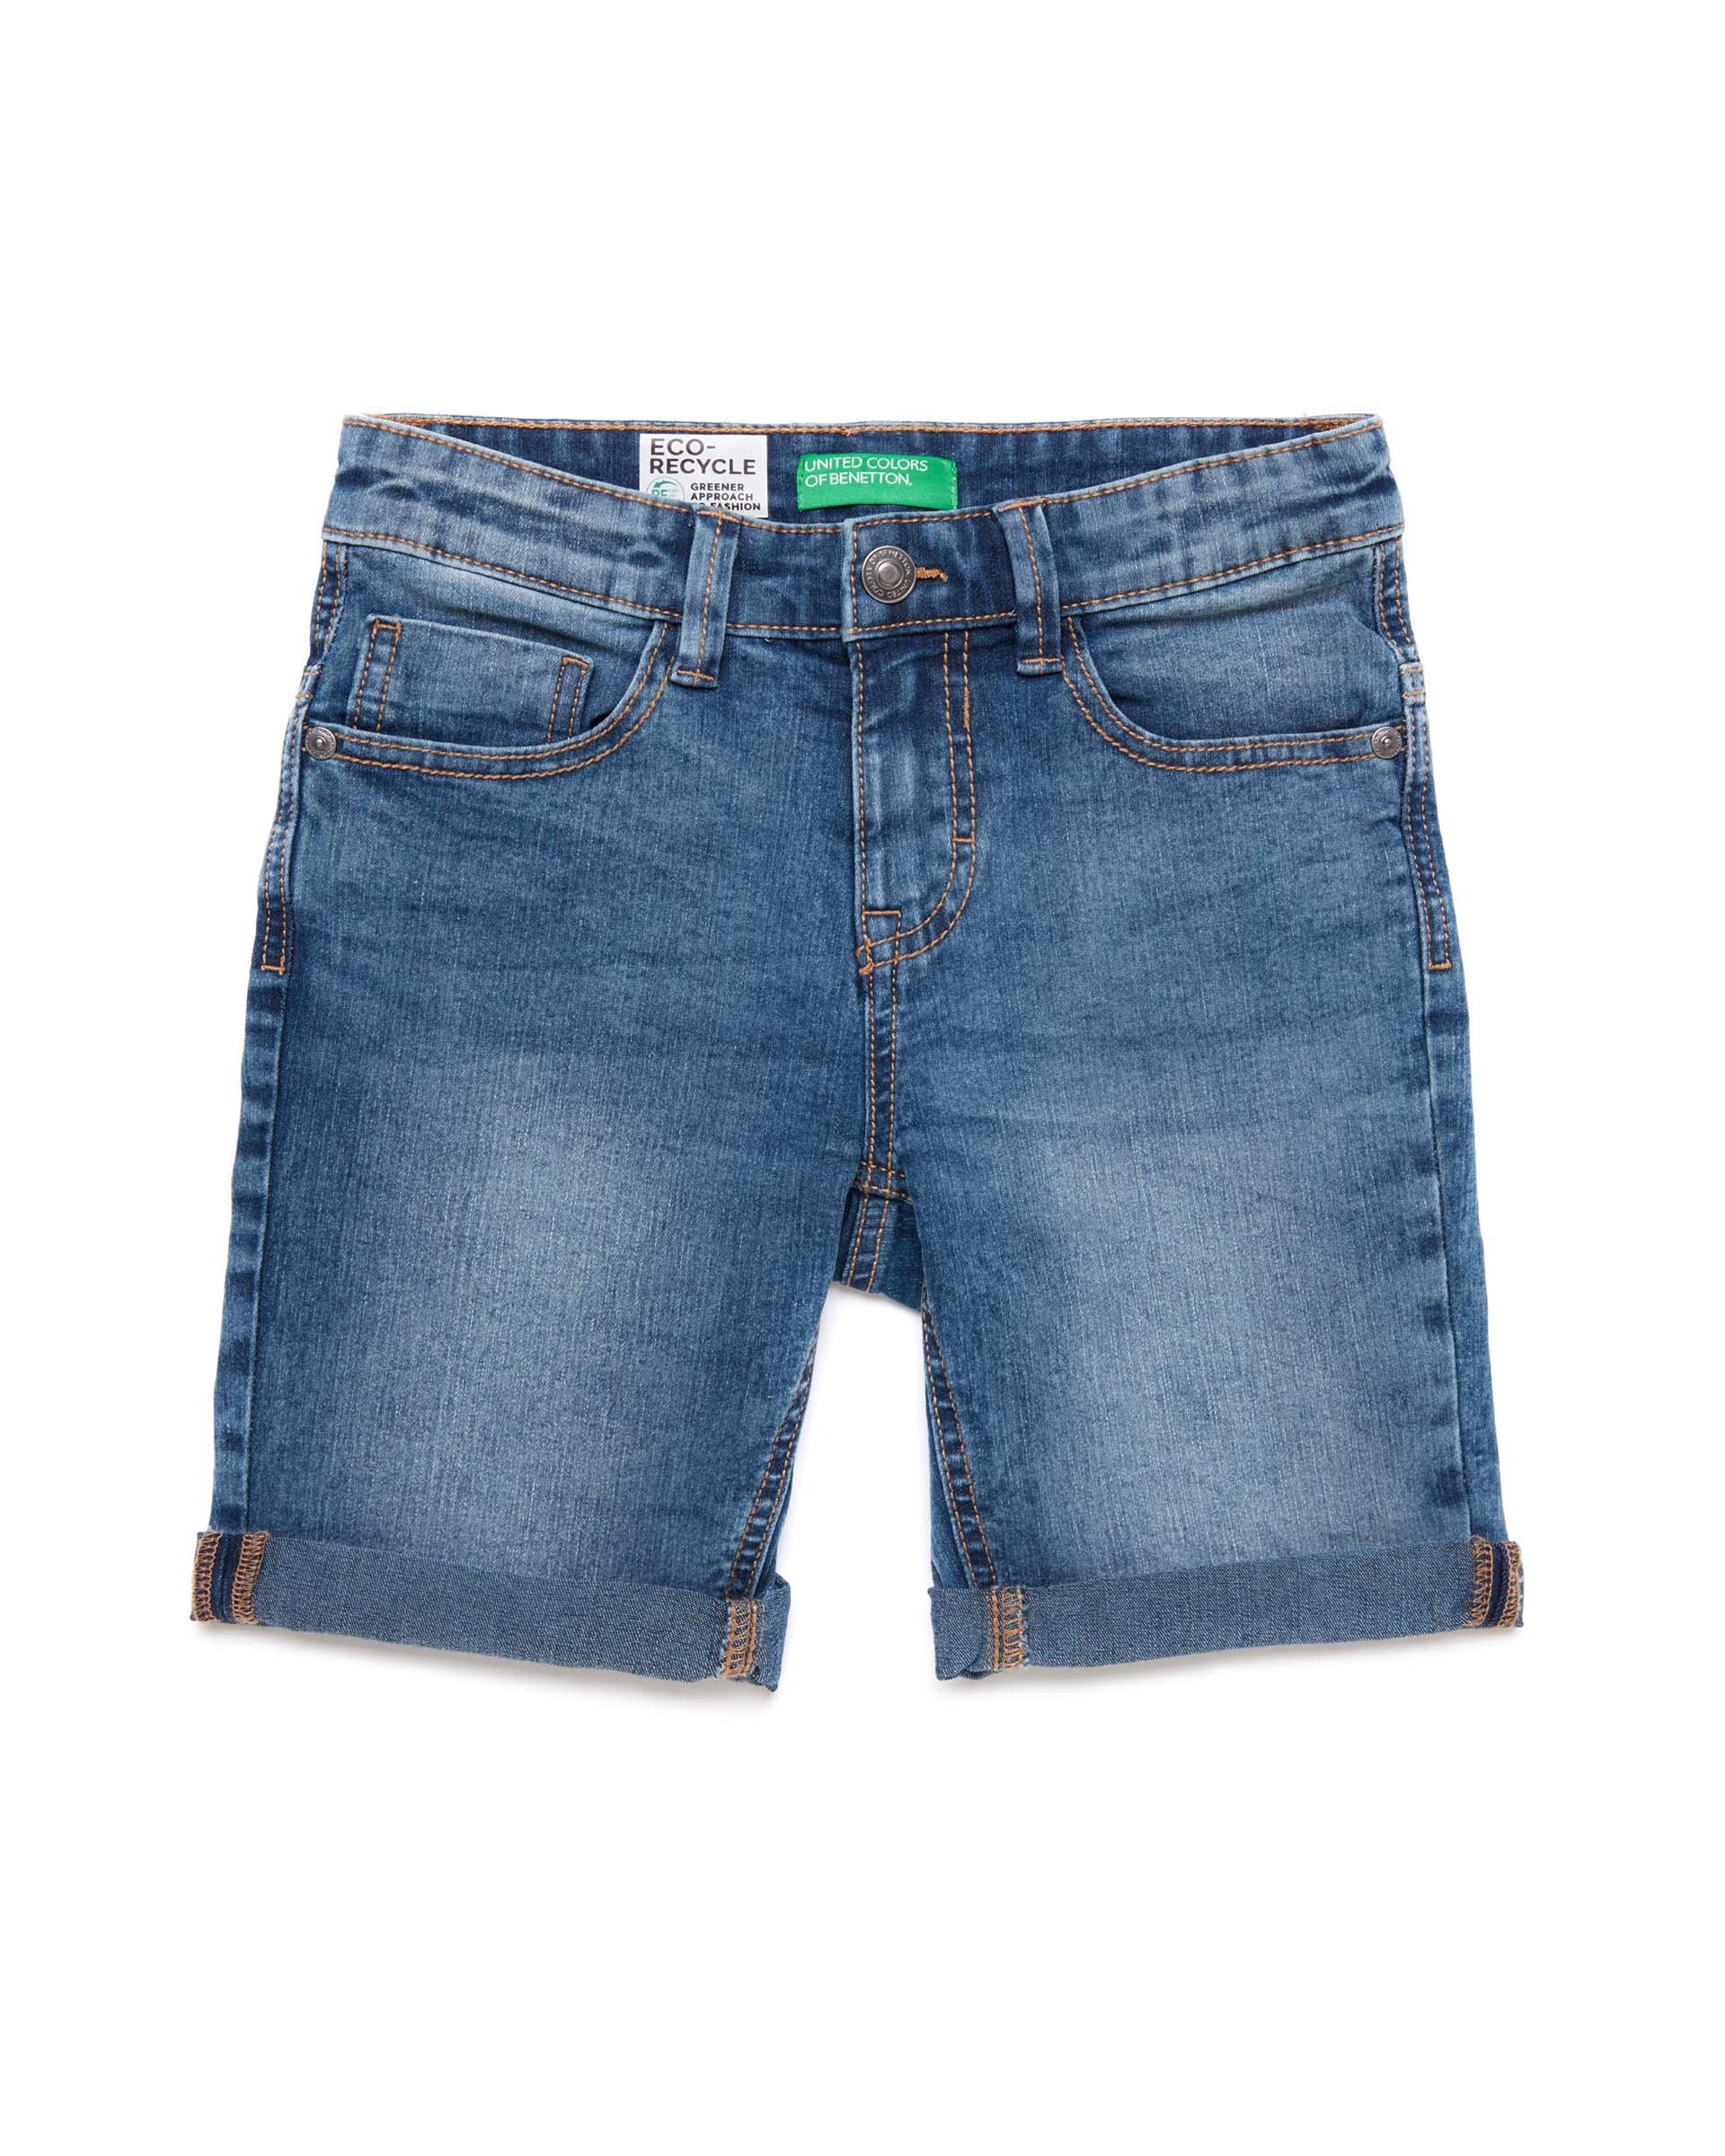 Купить 20P_4XA259DY0_902, Джинсовые шорты для мальчиков Benetton 4XA259DY0_902 р-р 128, United Colors of Benetton, Шорты для мальчиков